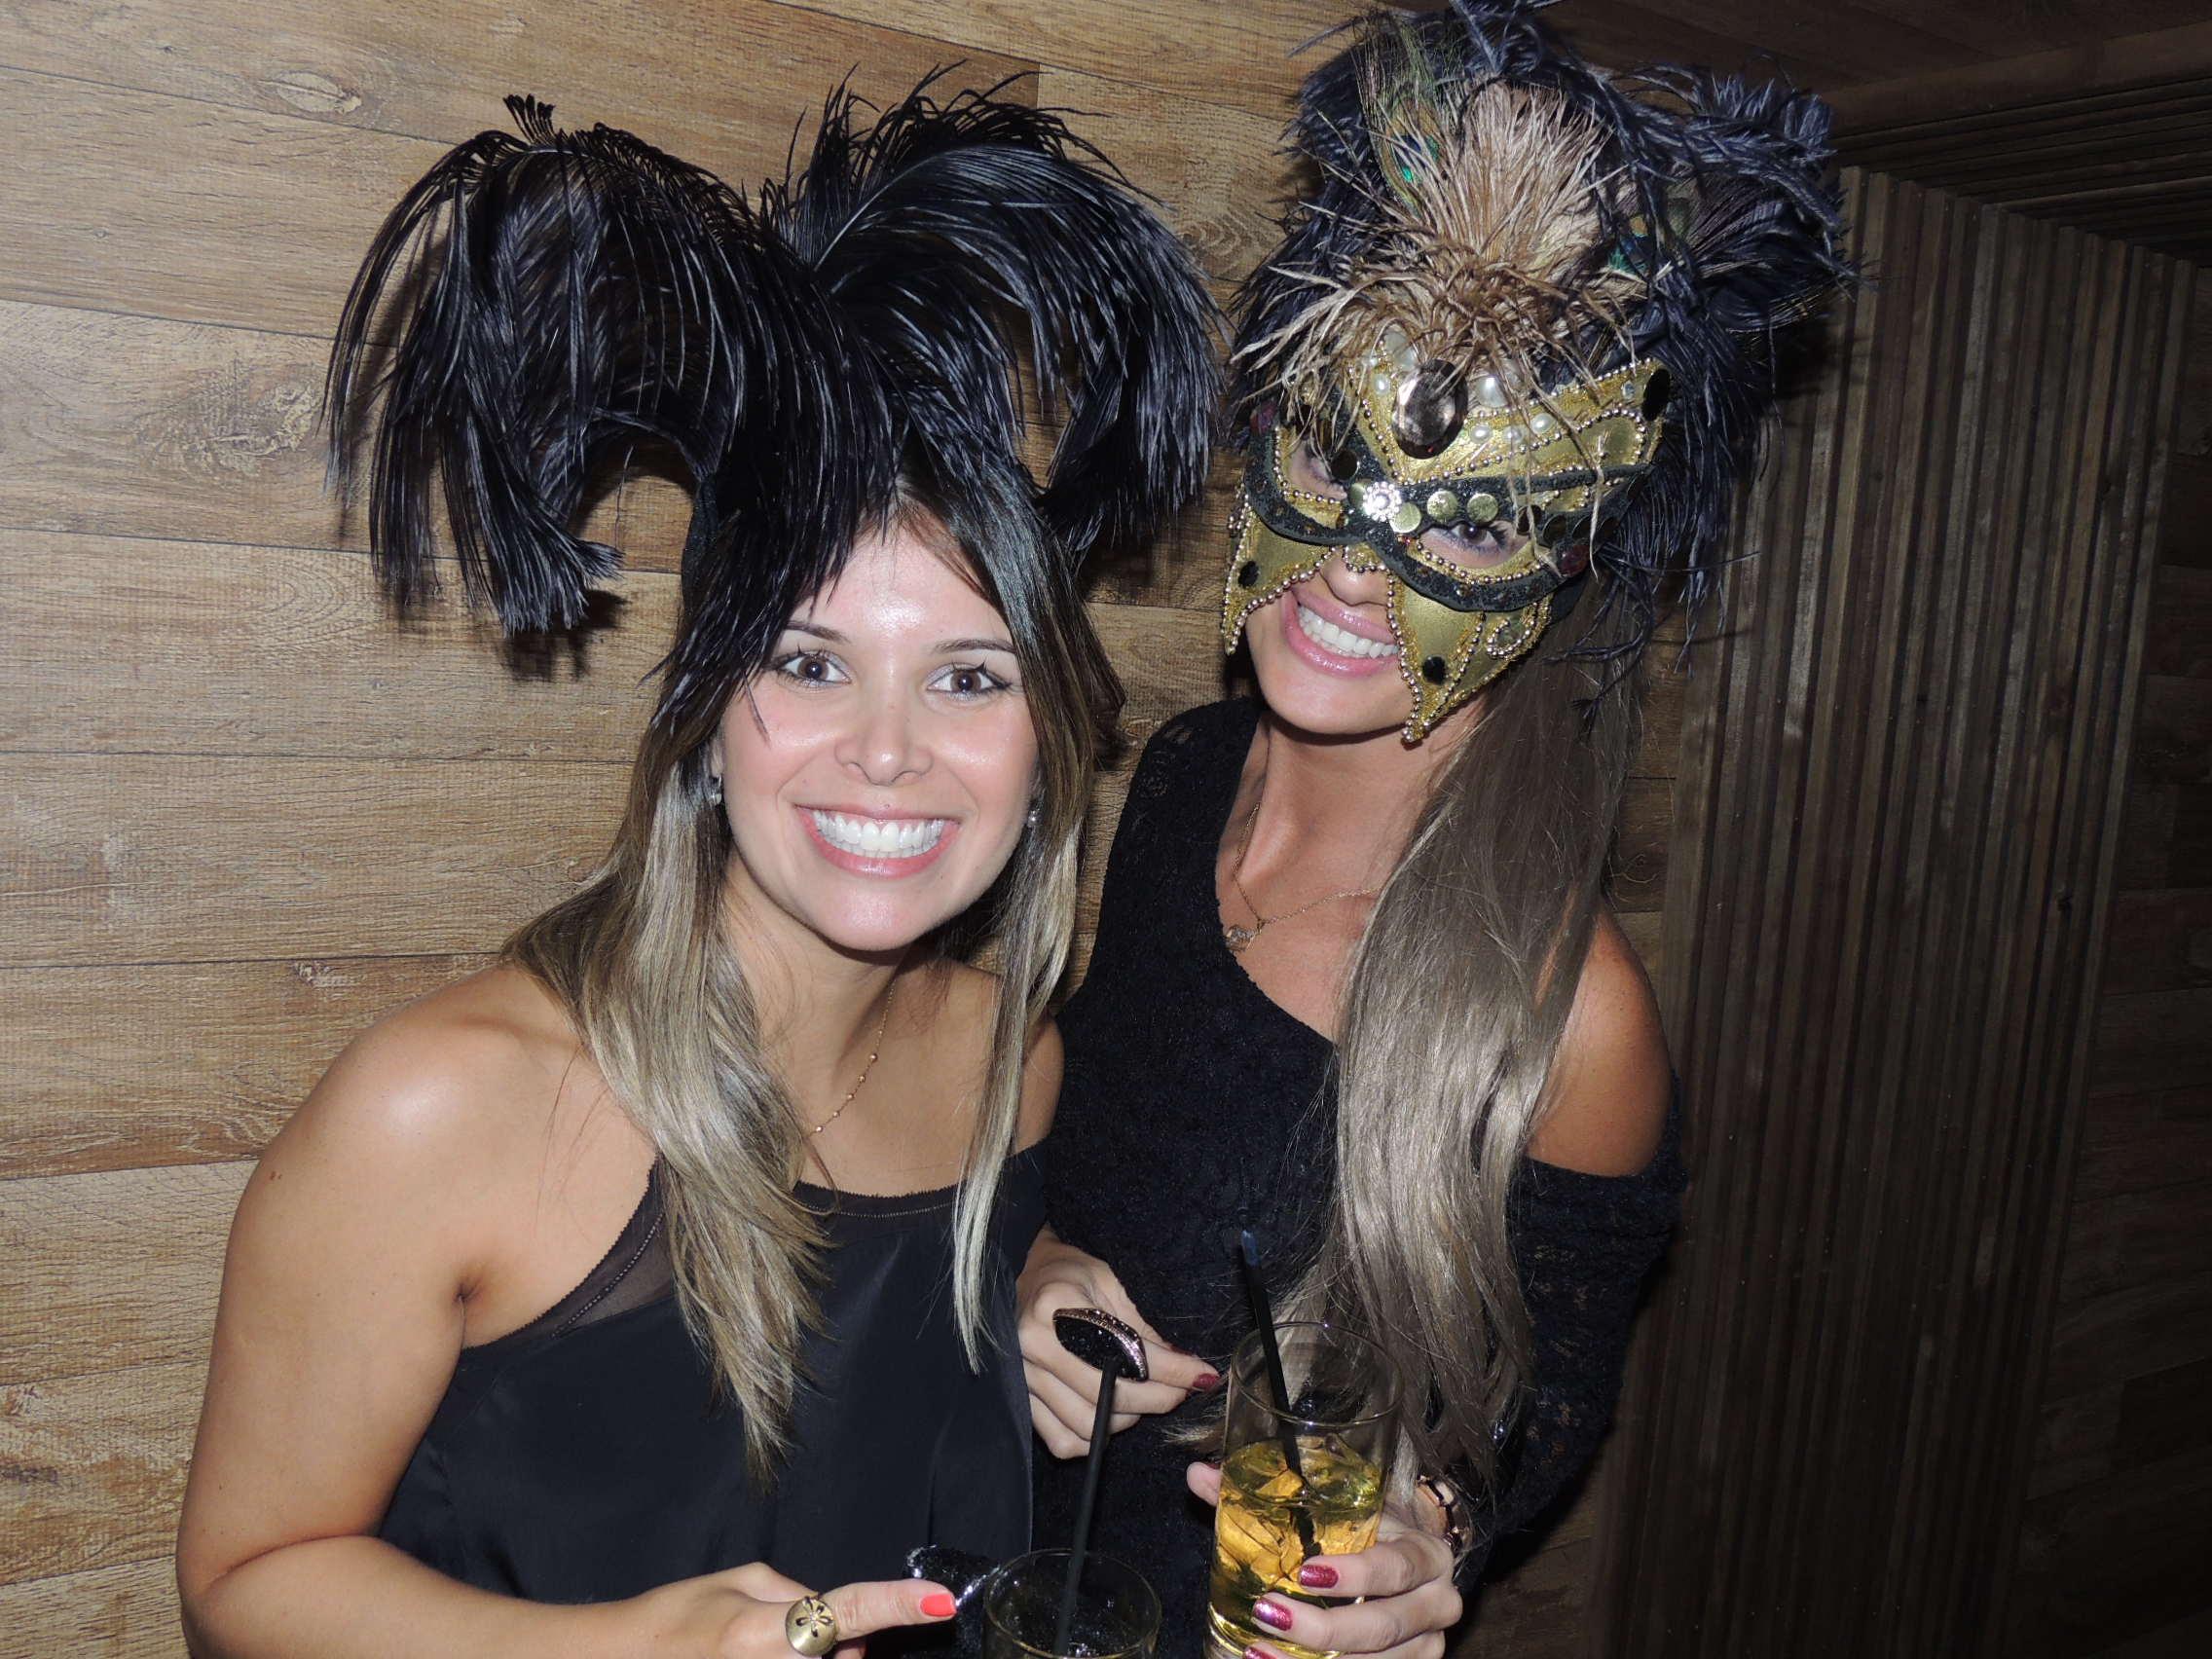 12/2/2013 - Dupla participou de baile de máscaras Em Florianópolis